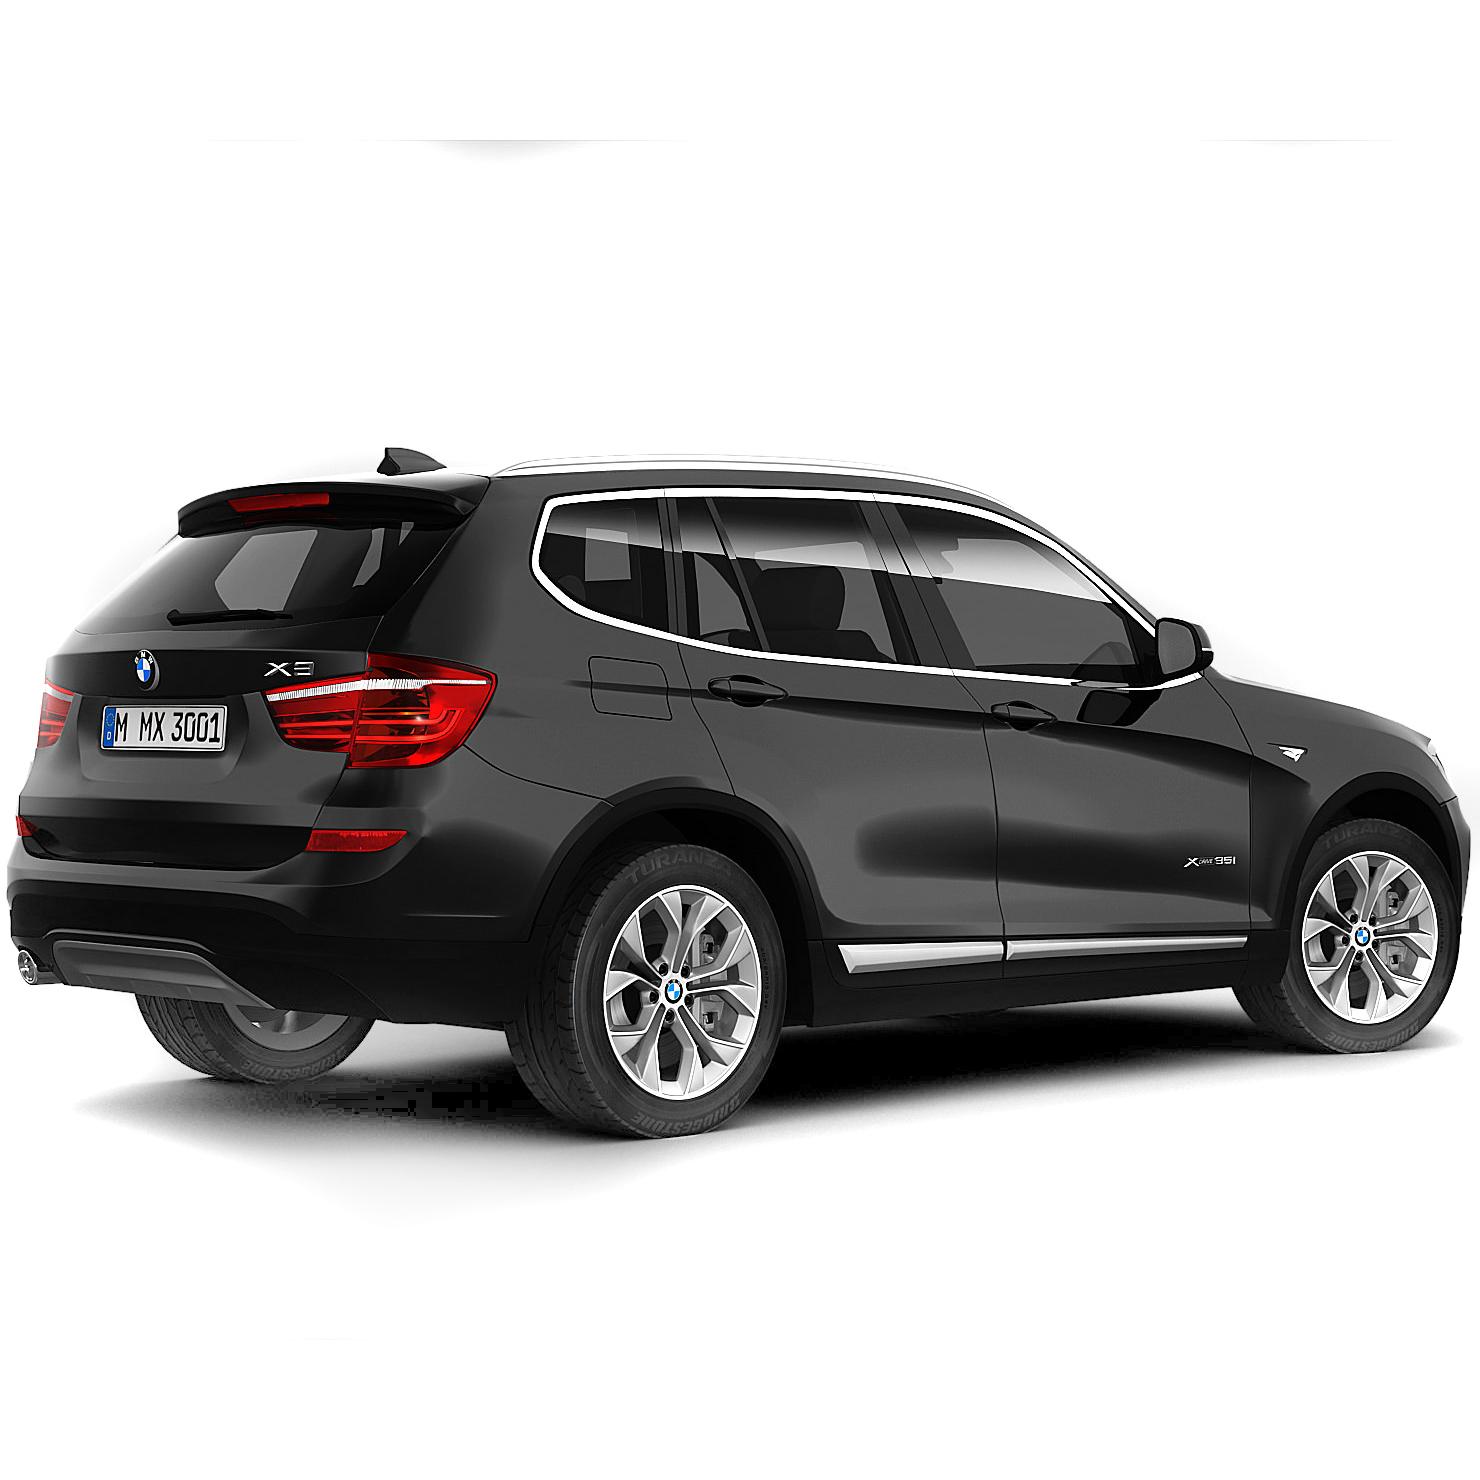 BMW X3 2011 - 2017